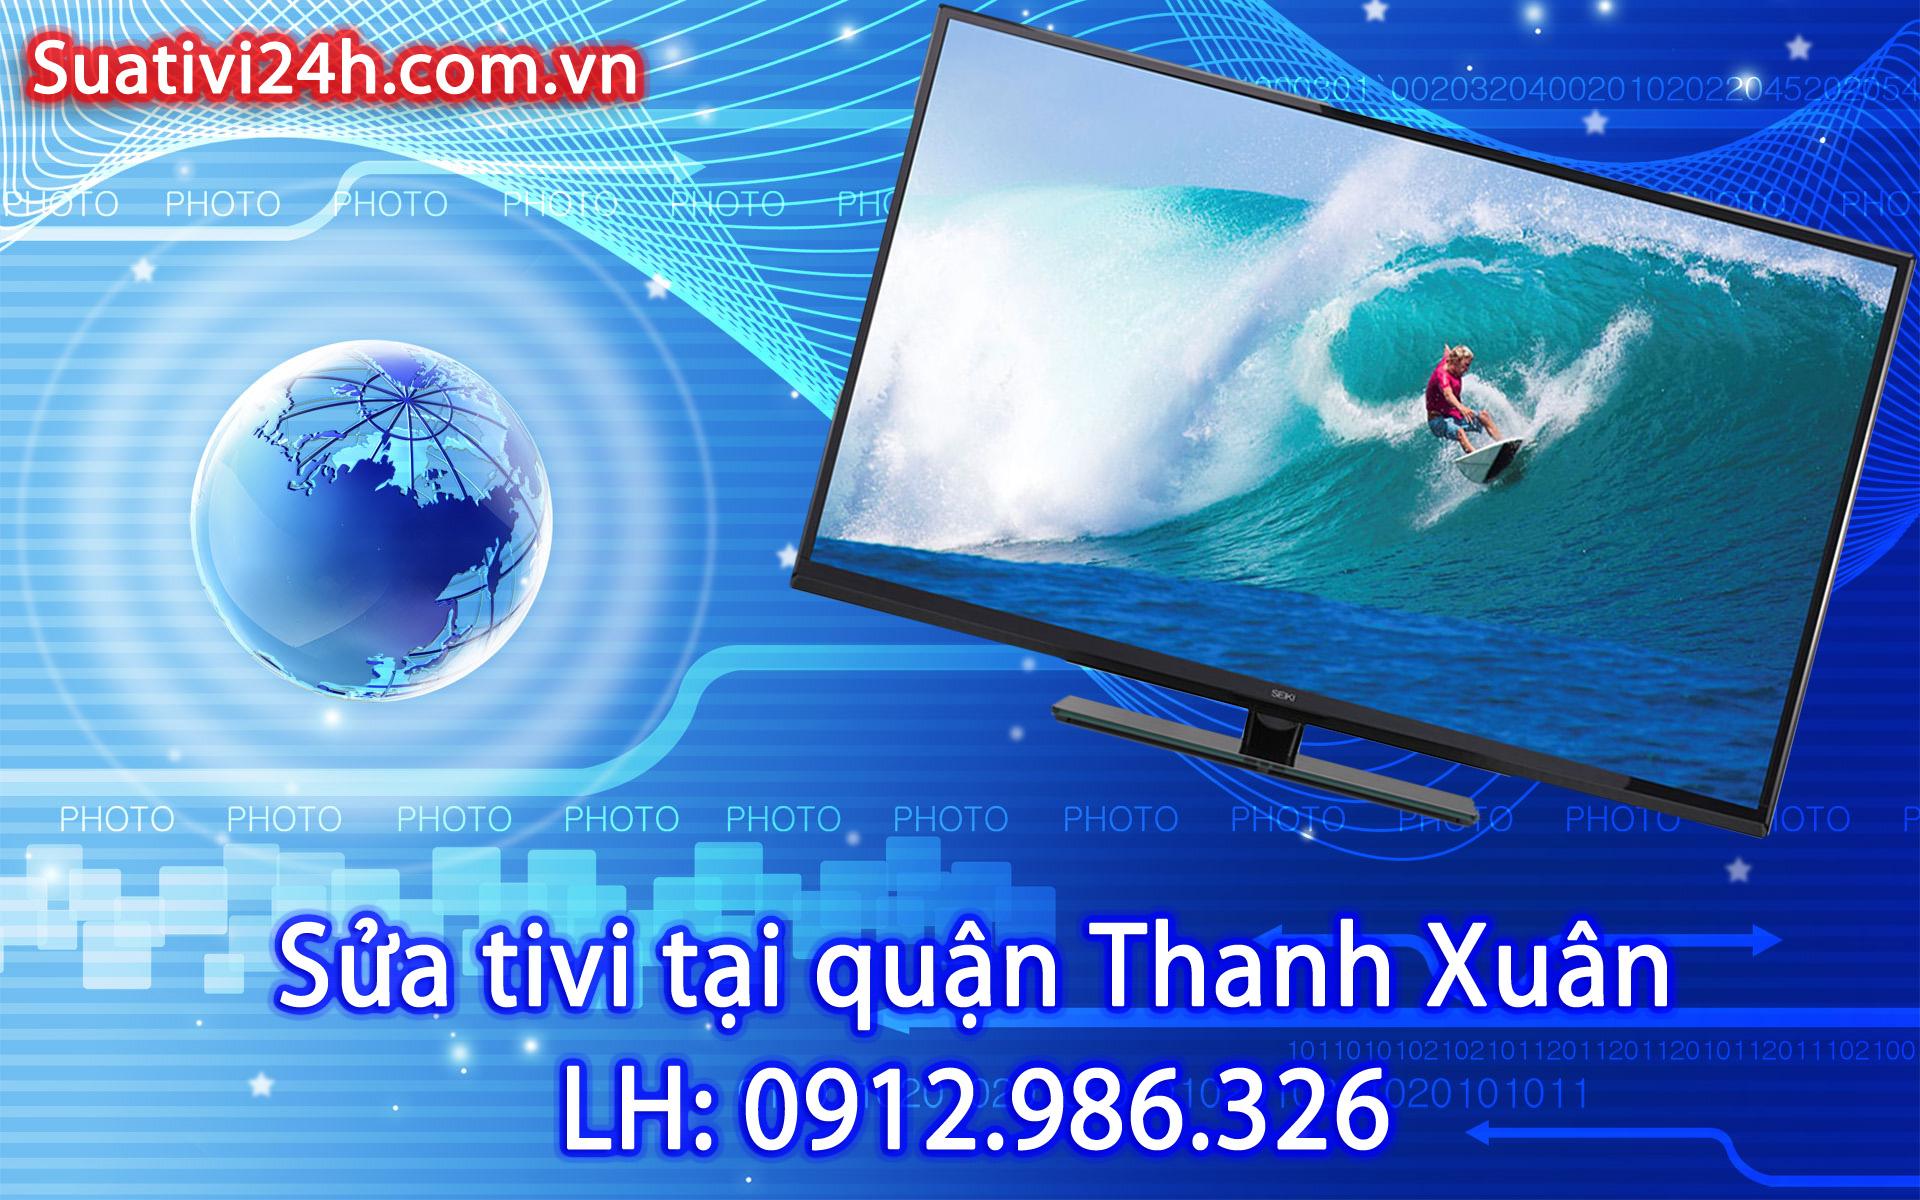 Sửa chữa tivi tại nhà quận Thanh Xuân